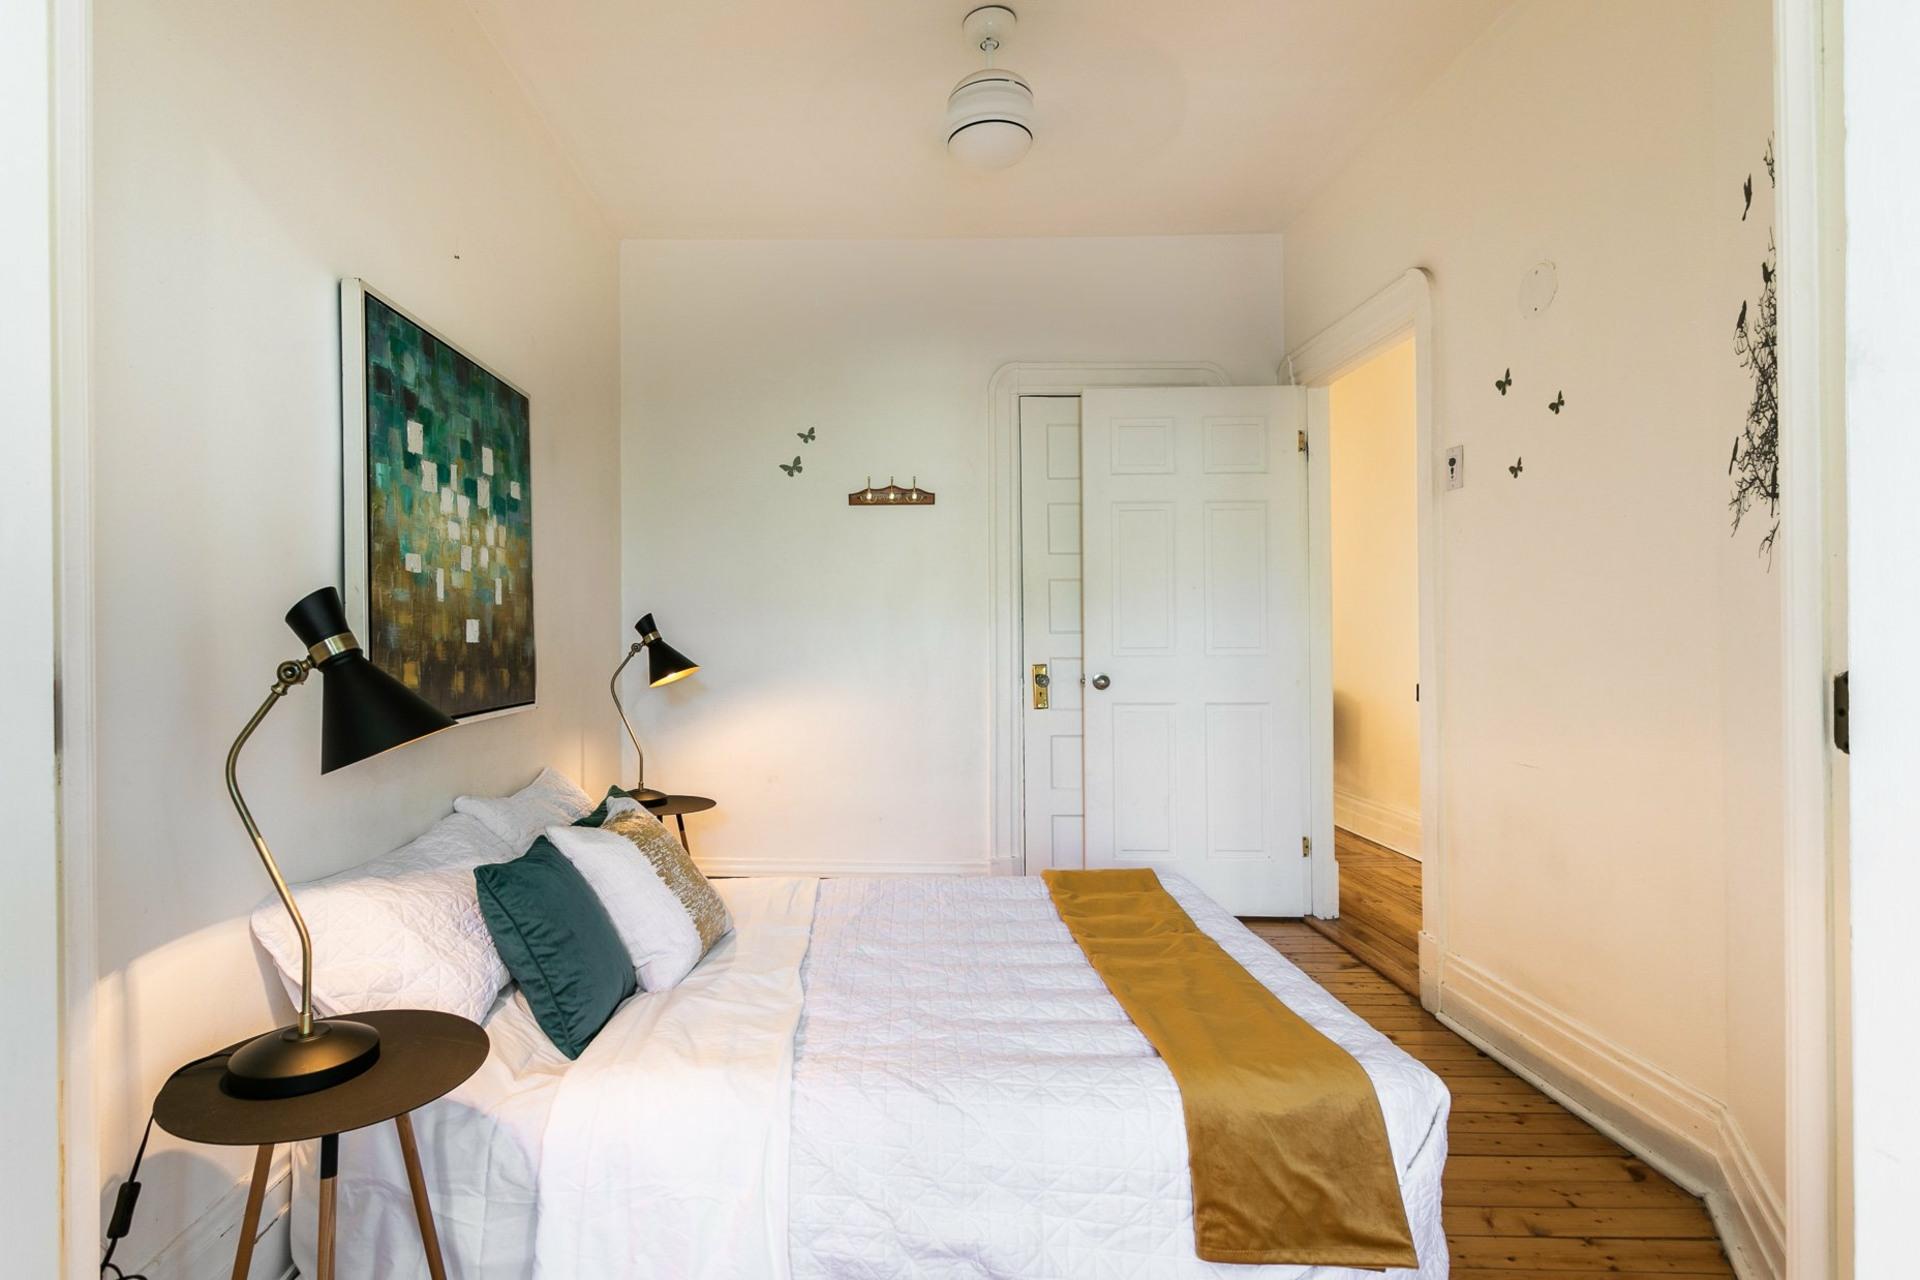 image 6 - Appartement À vendre Le Plateau-Mont-Royal Montréal  - 4 pièces